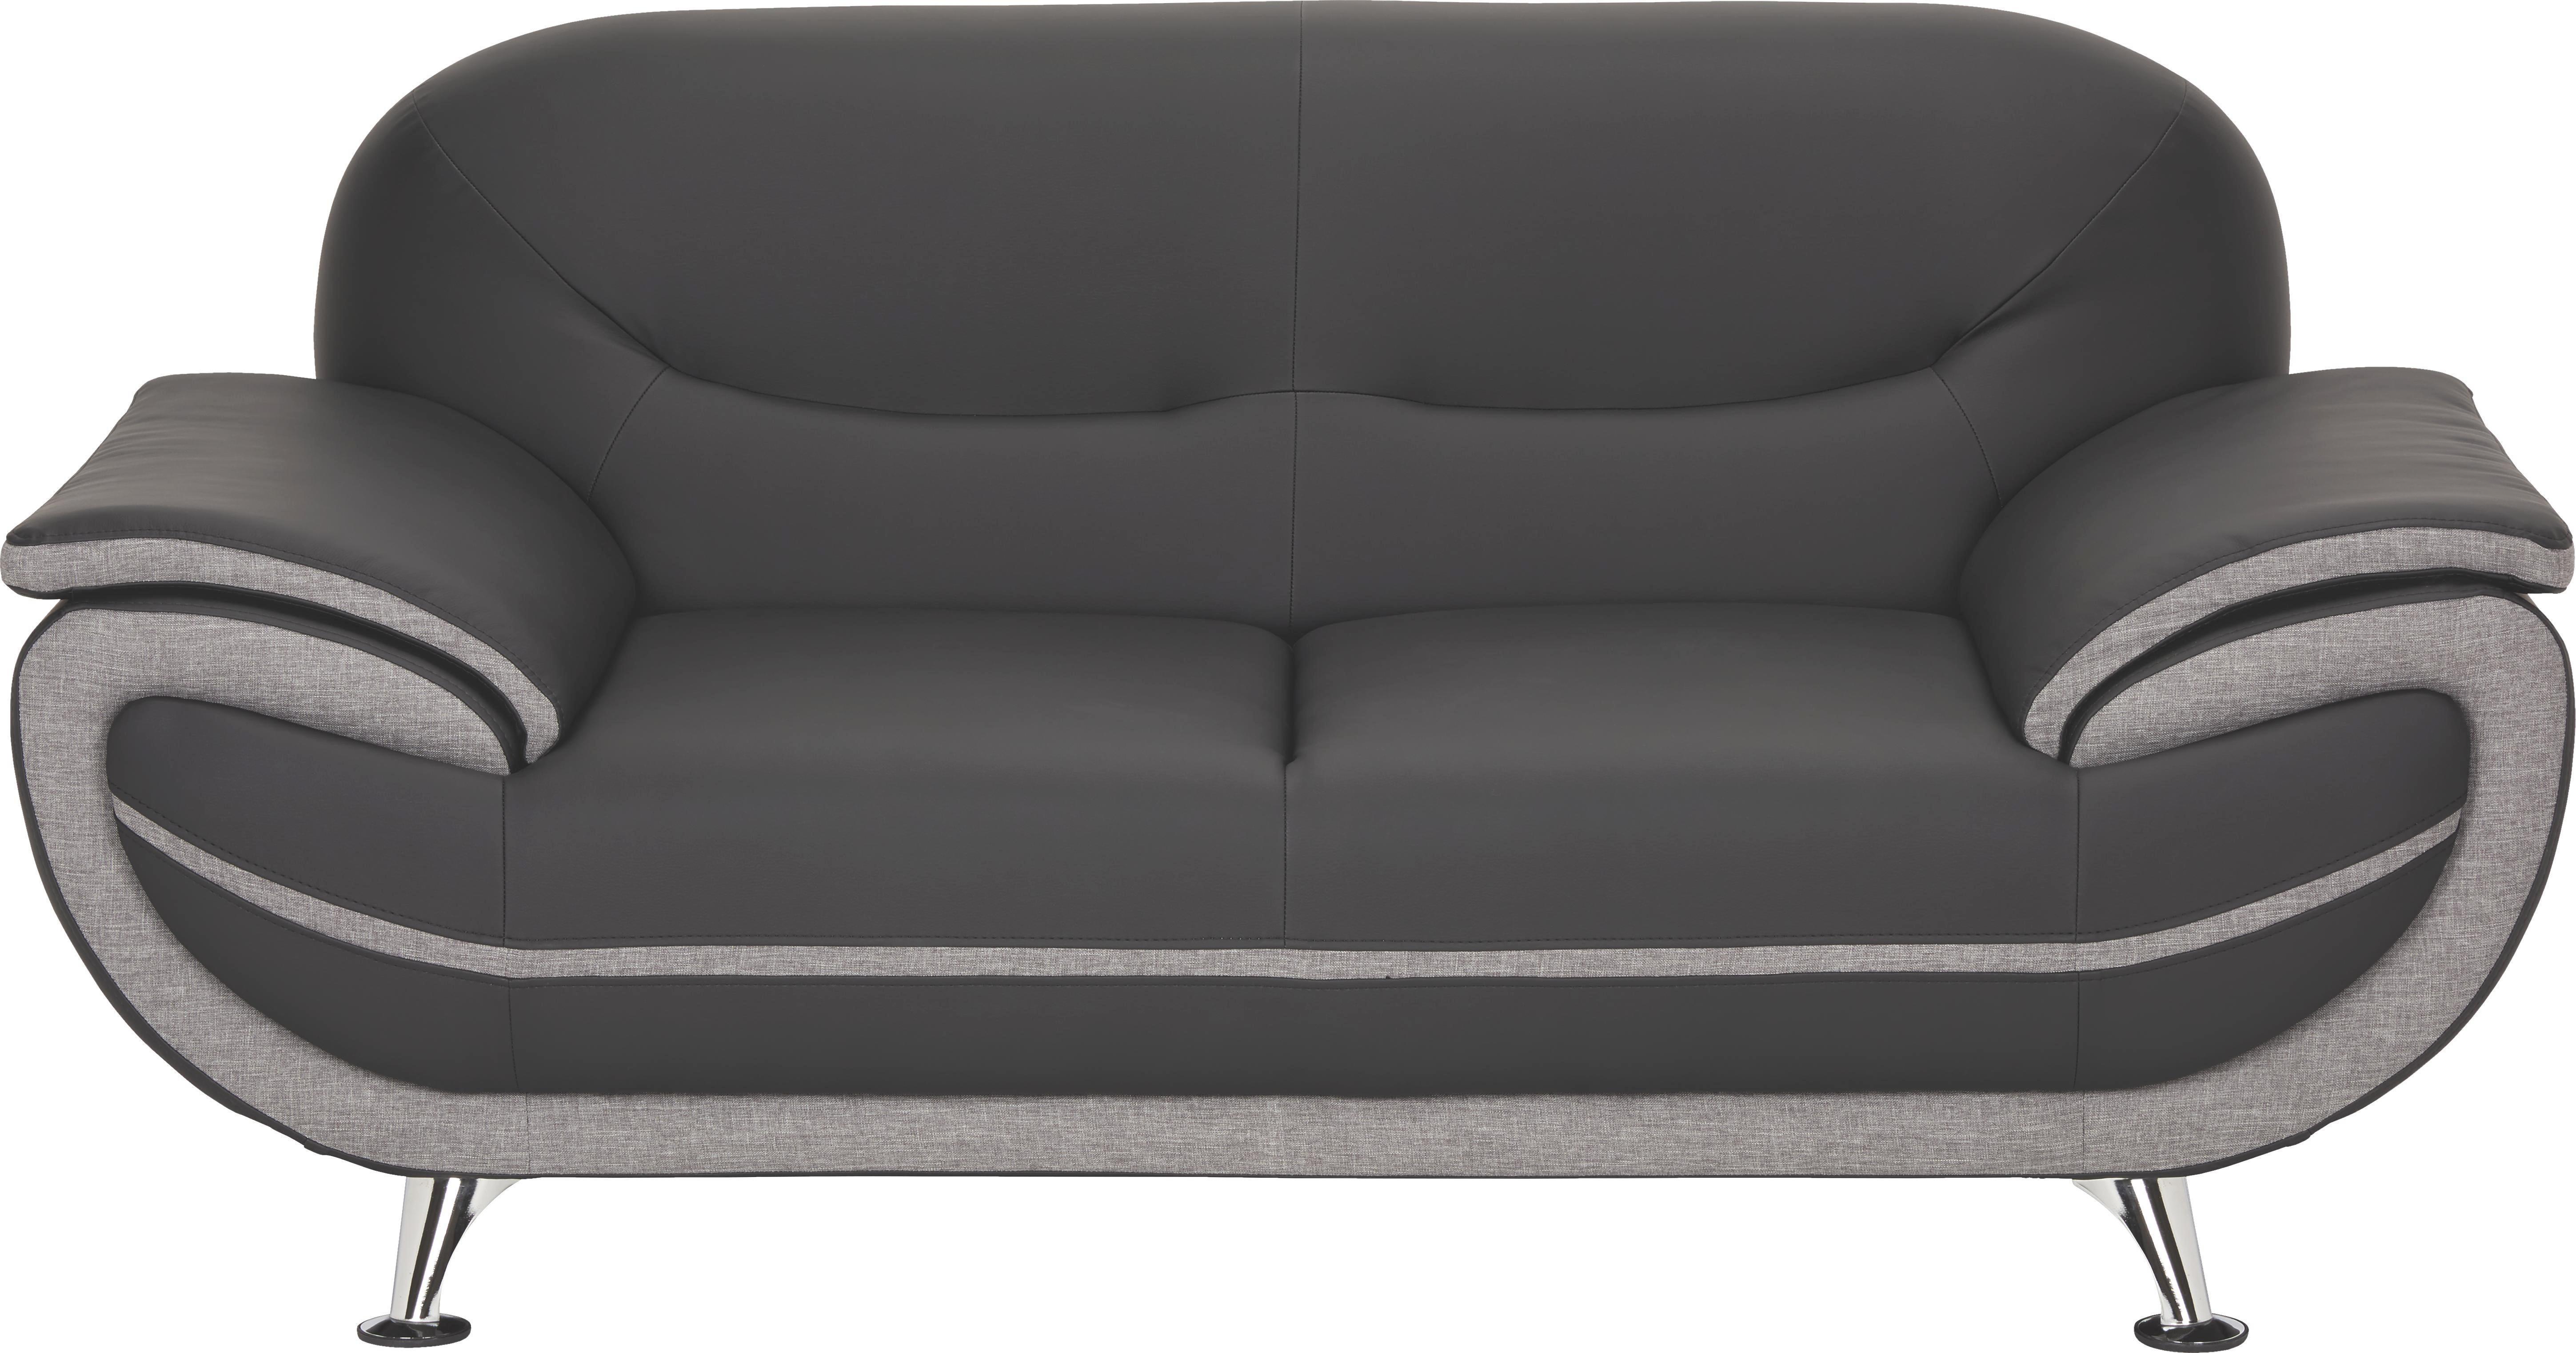 cool zweisitzer sofa lederlook webstoff grau schwarz online kaufen with webstoff sofa